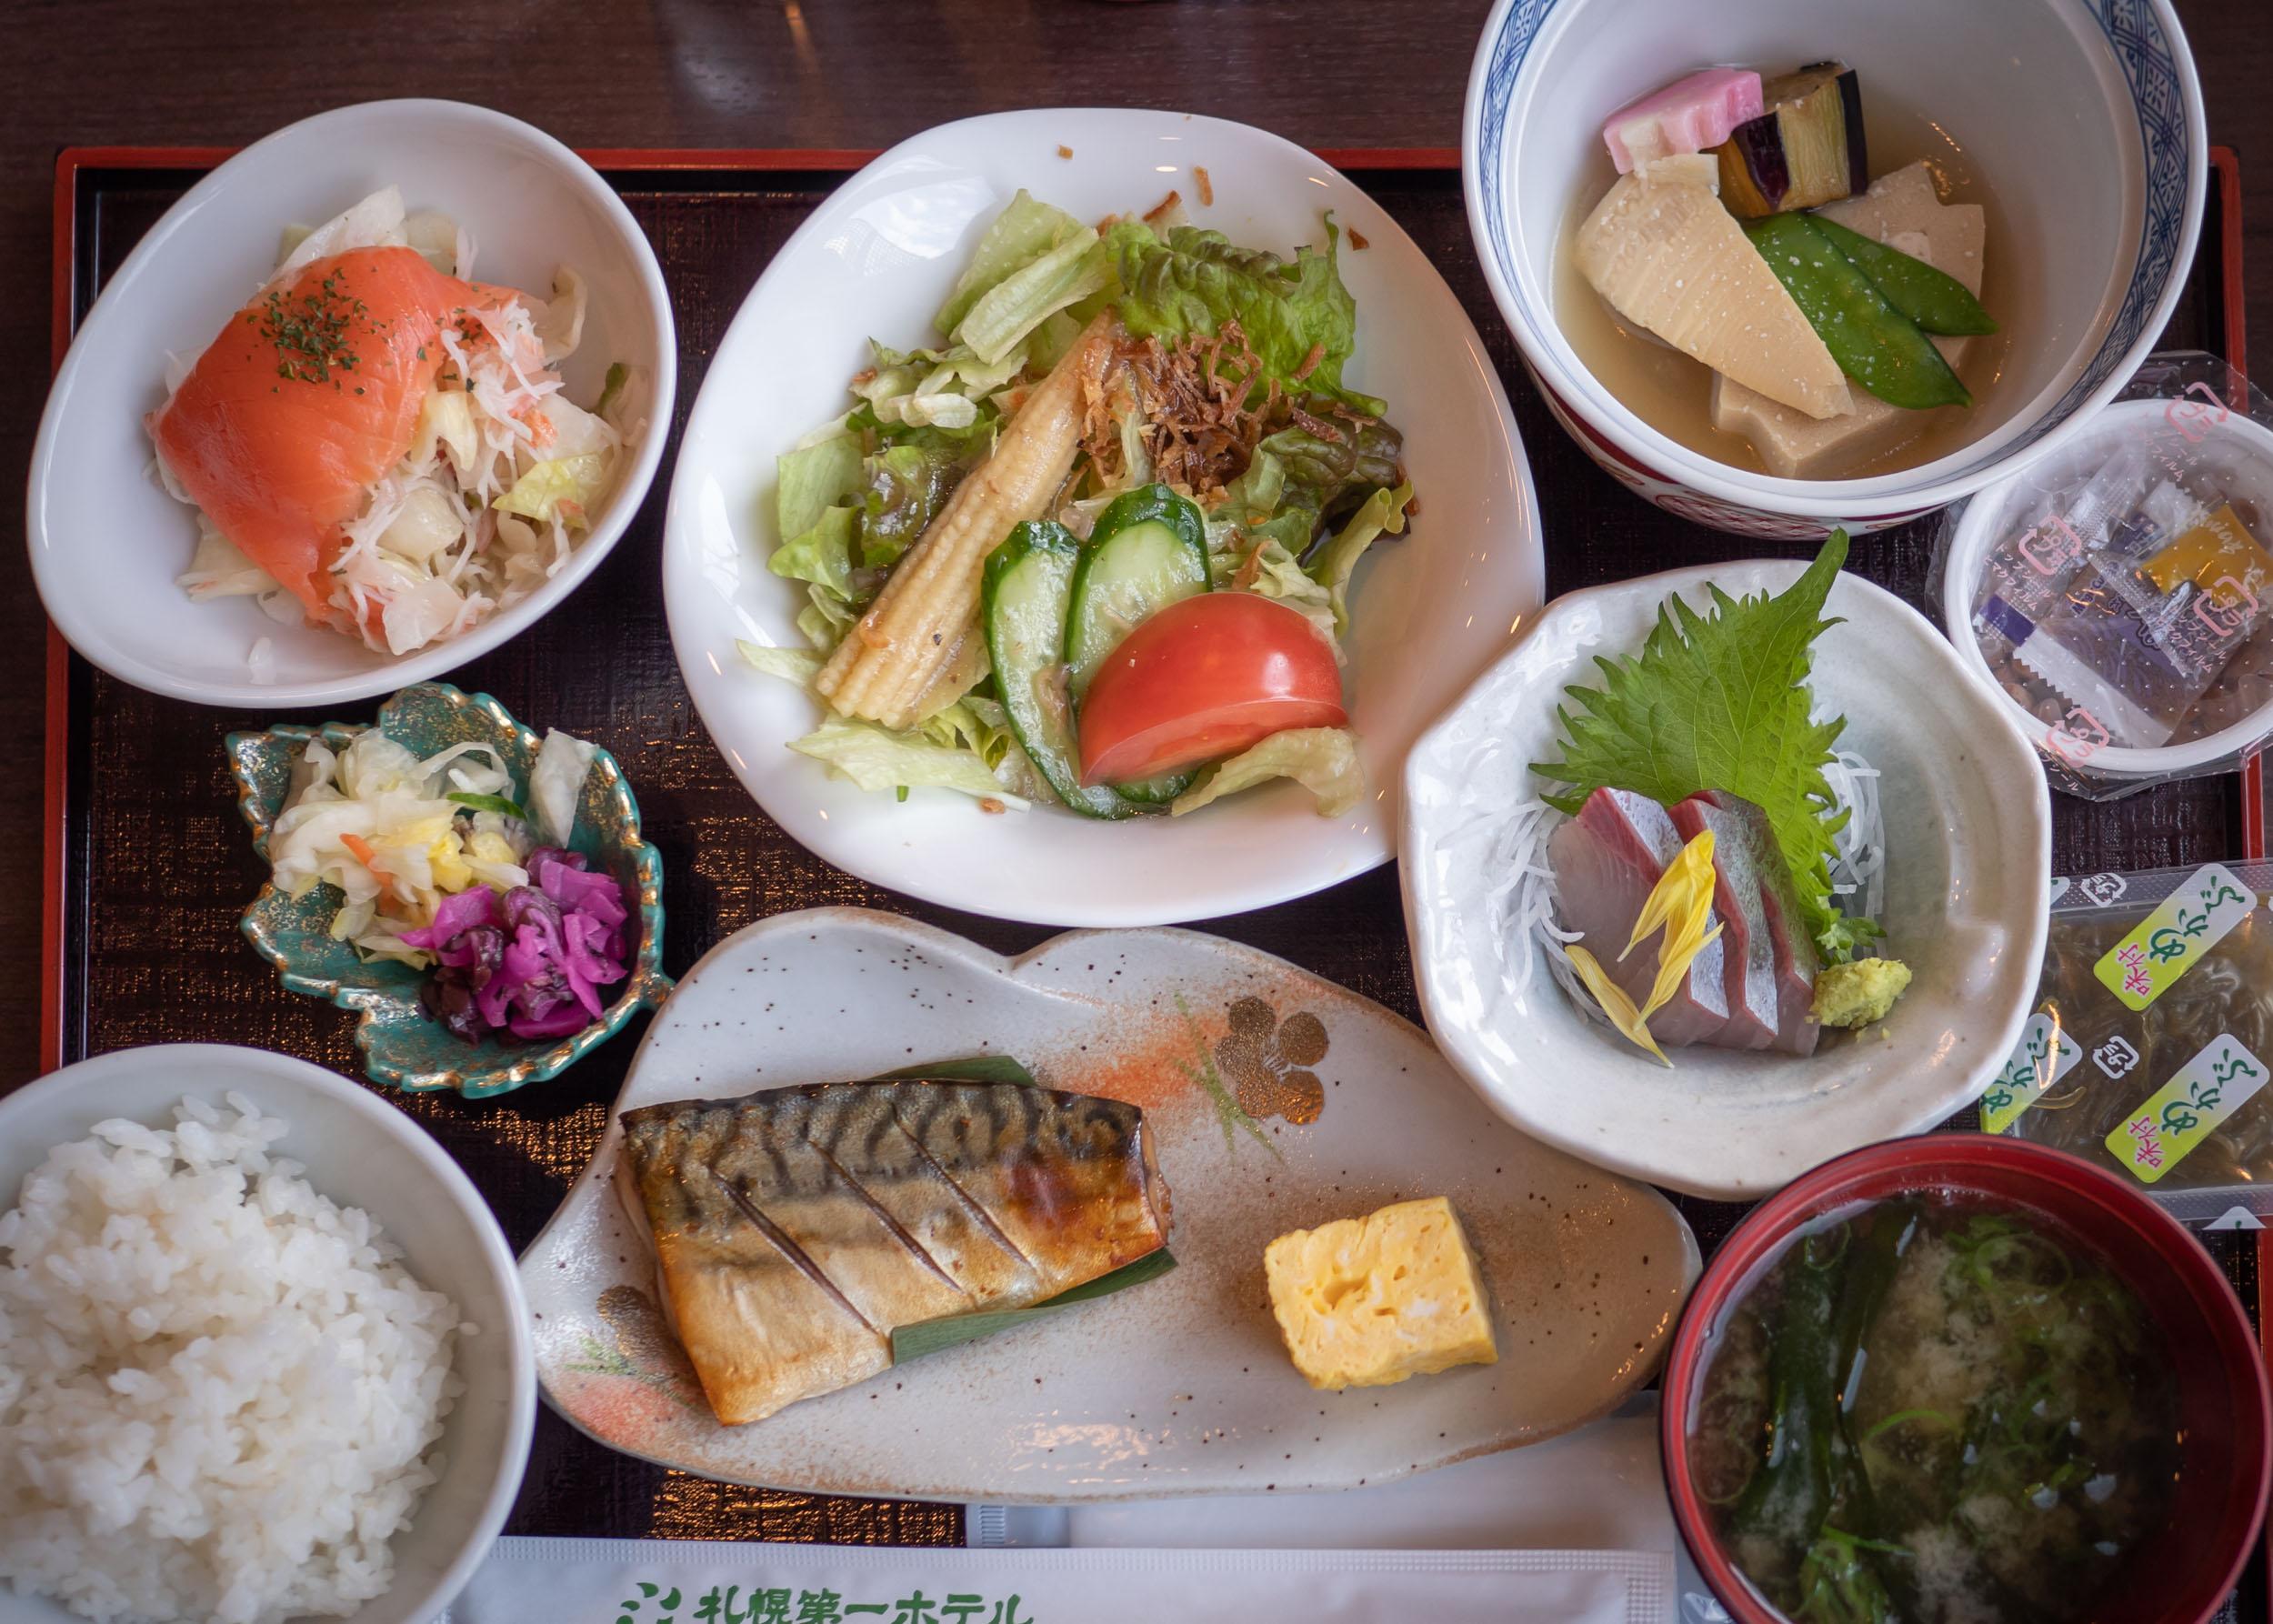 札幌第一ホテル2020年3月25日の朝食 DMC-GX8 + LEICA DG 12-60mm